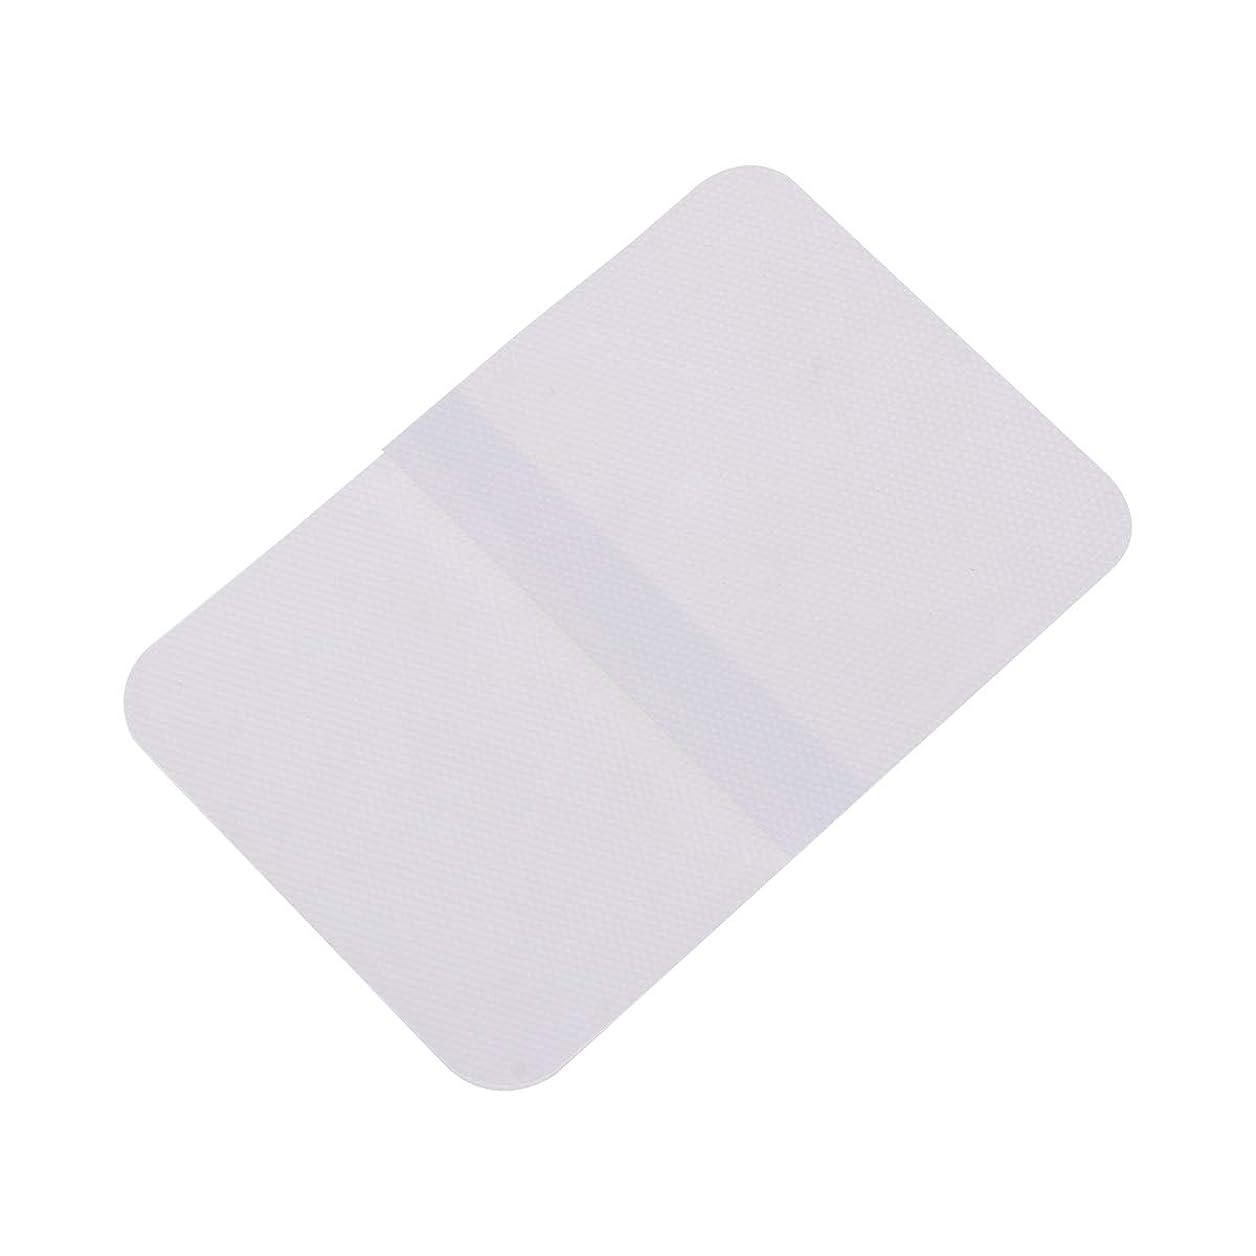 ピケ定義するそばにLIOOBO シリコーン傷跡シート傷跡シリコーンテープ洗える帝王切開透明傷跡ステッカー正方形シェイプシリコーン傷跡治療